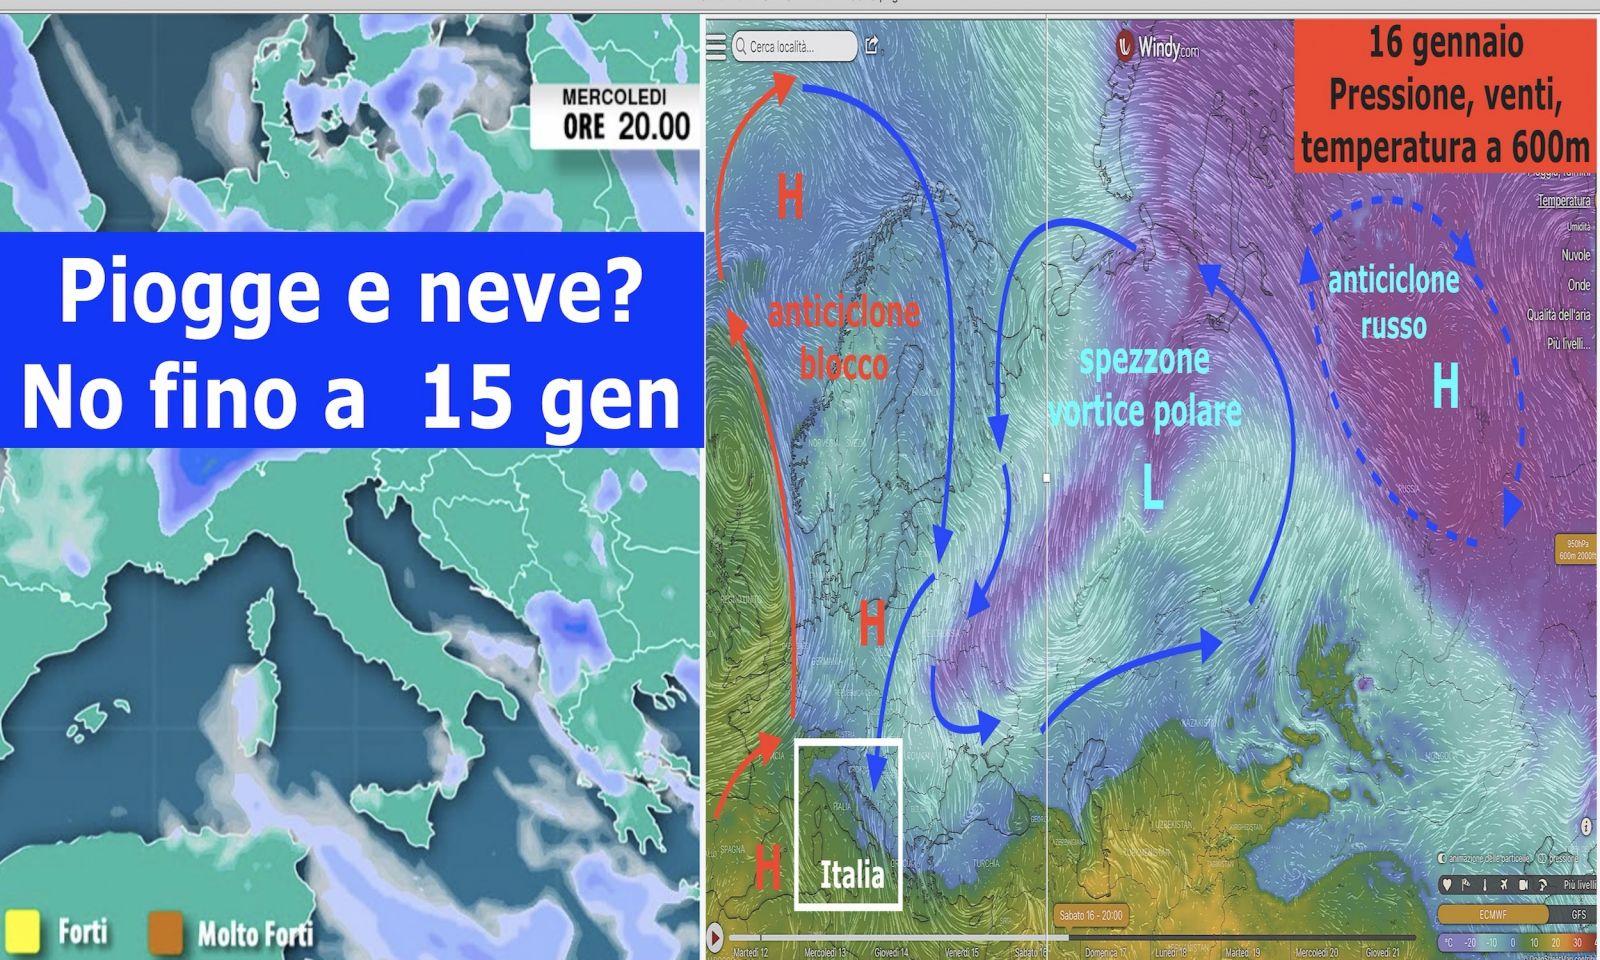 Schermata%202021-01-12%20alle%2013_00_21.jpg